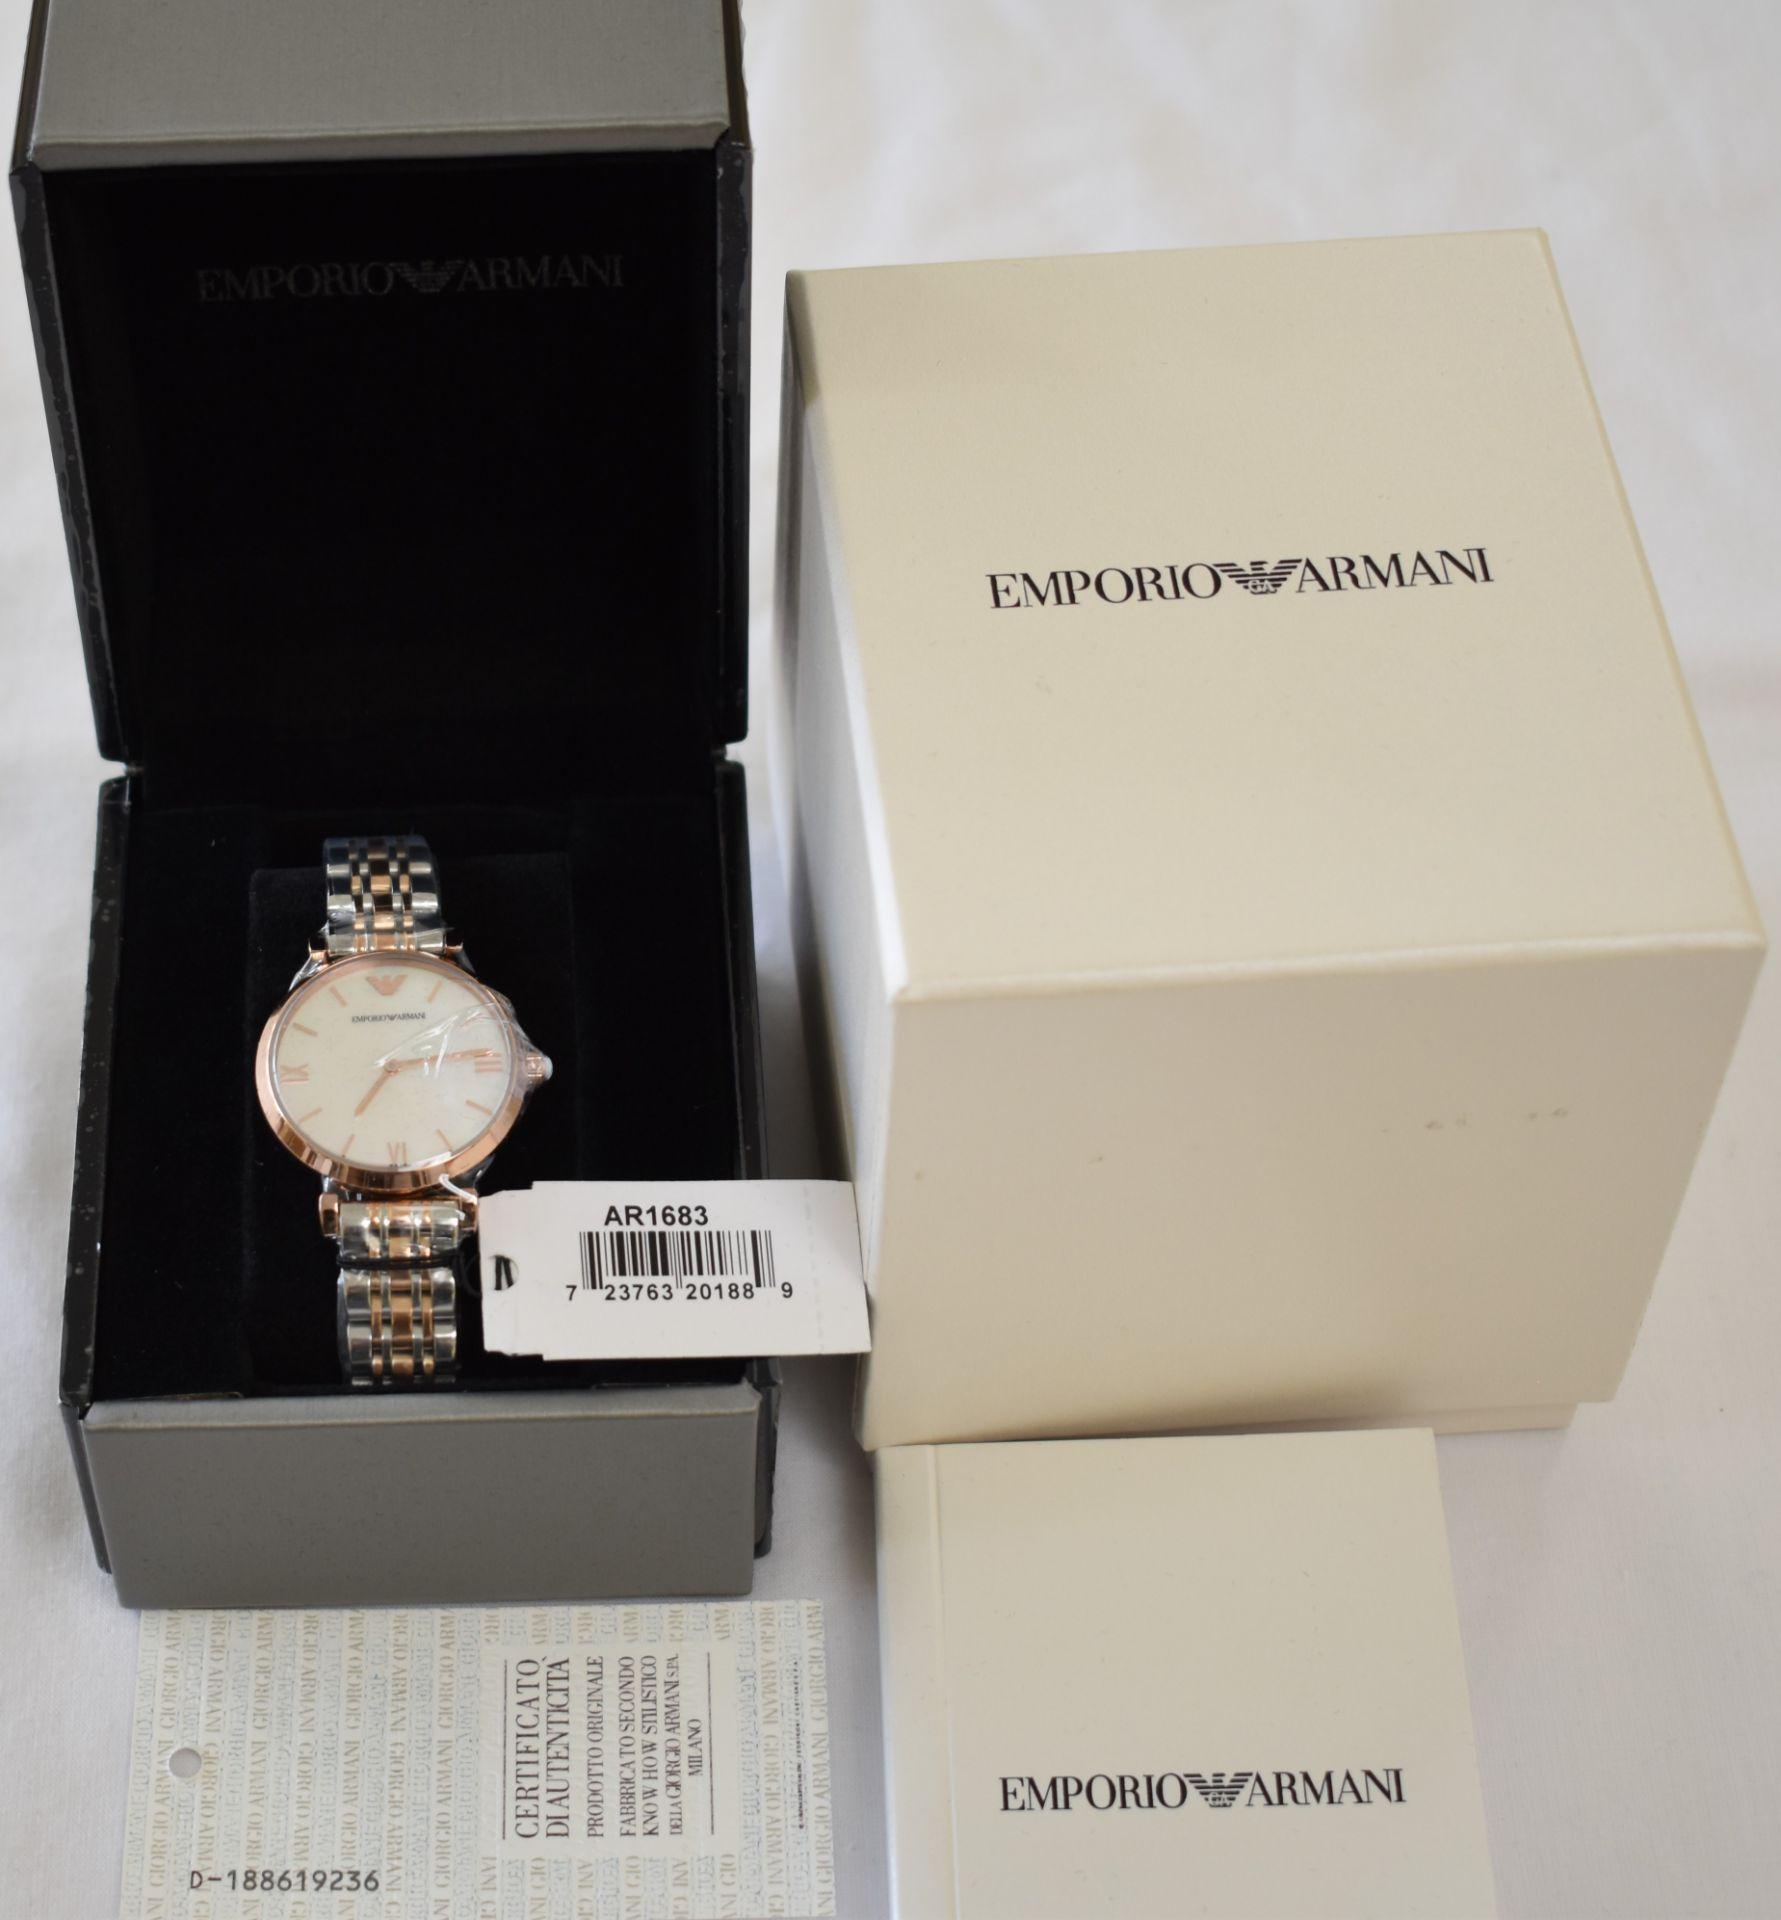 Emporio Armani AR1683 Ladies Watch